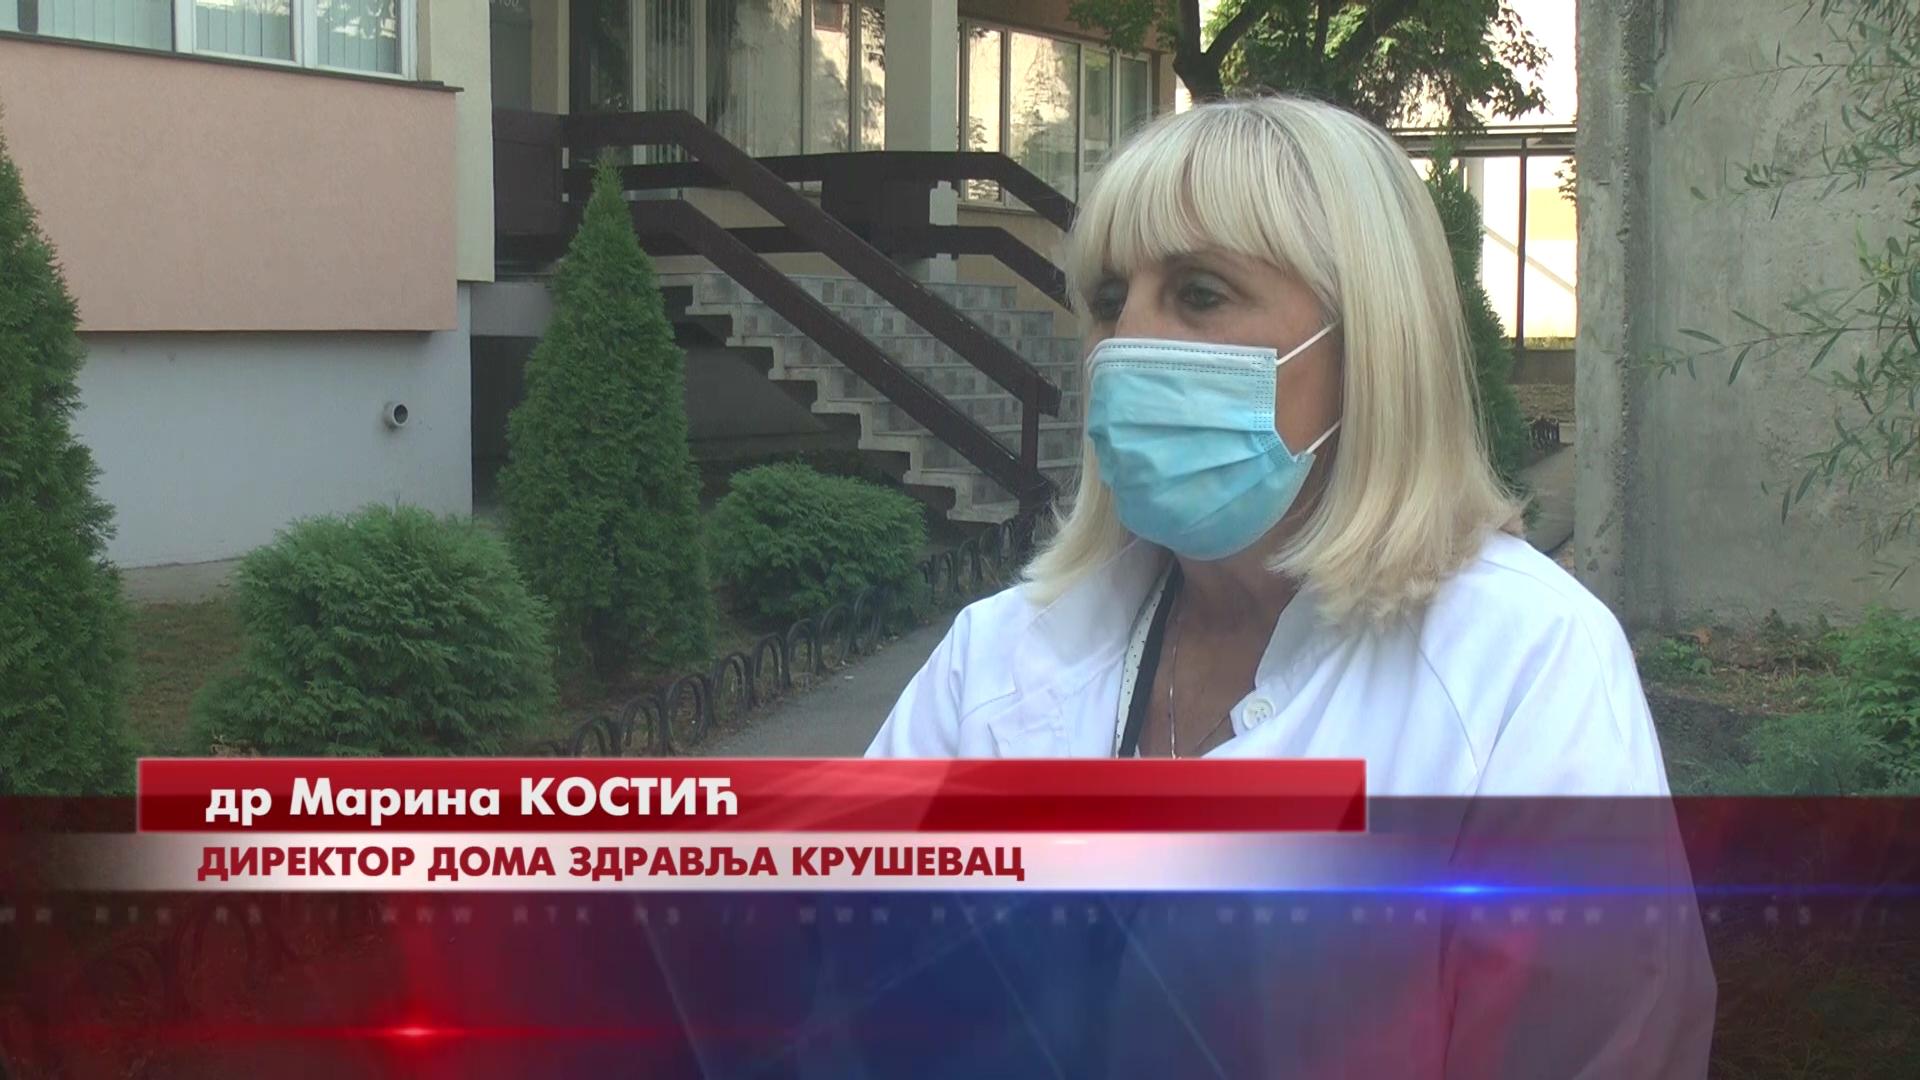 U Kruševcu se pogoršava epidemijska situacija, porast broja pregleda u Kovid ambulantama i za decu i za odrasle